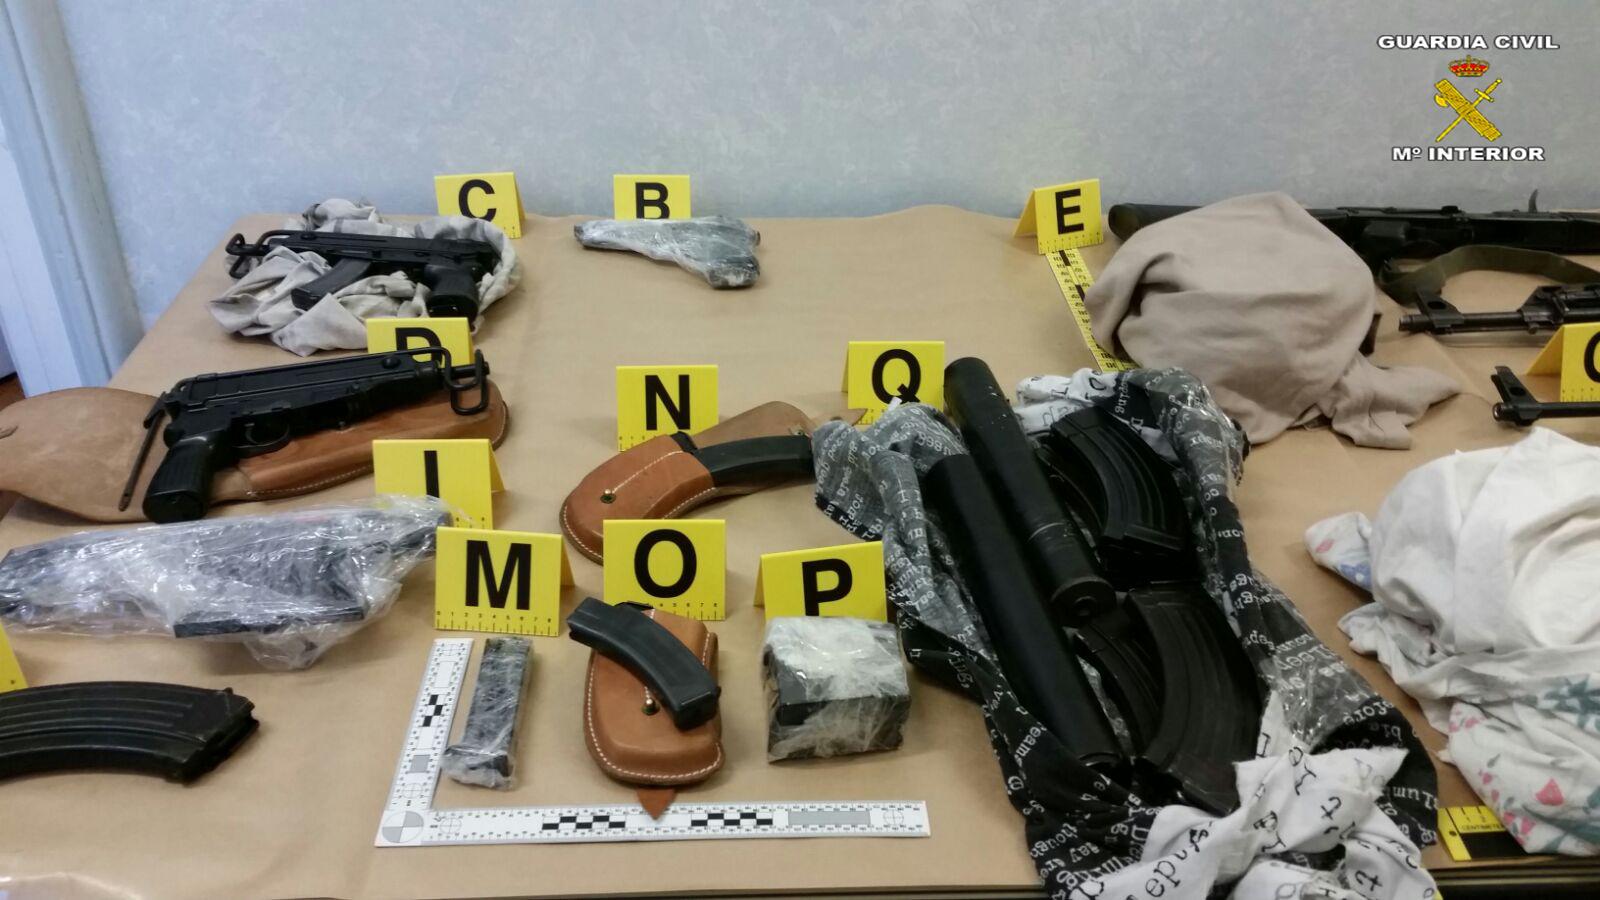 Desarticulada una organización criminal, asentada en los Balcanes, dedicada al tráfico de armas a nivel internacional